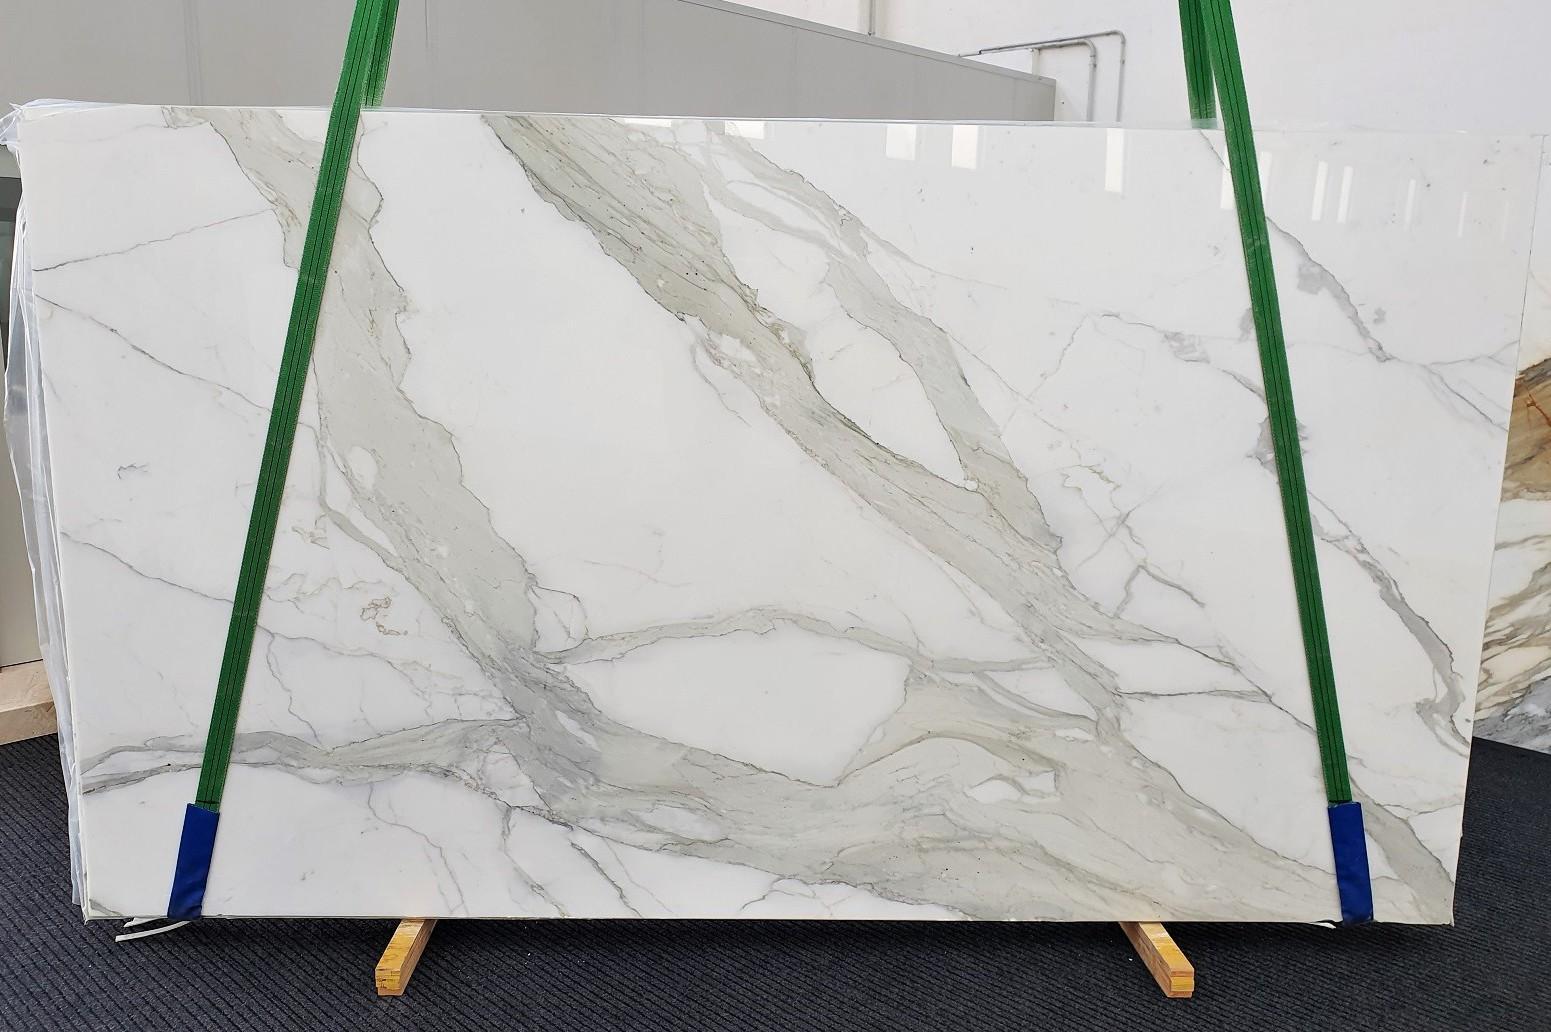 CALACATTA ORO EXTRA Fourniture Veneto (Italie) d' dalles brillantes en marbre naturel 1366 , Slab #18